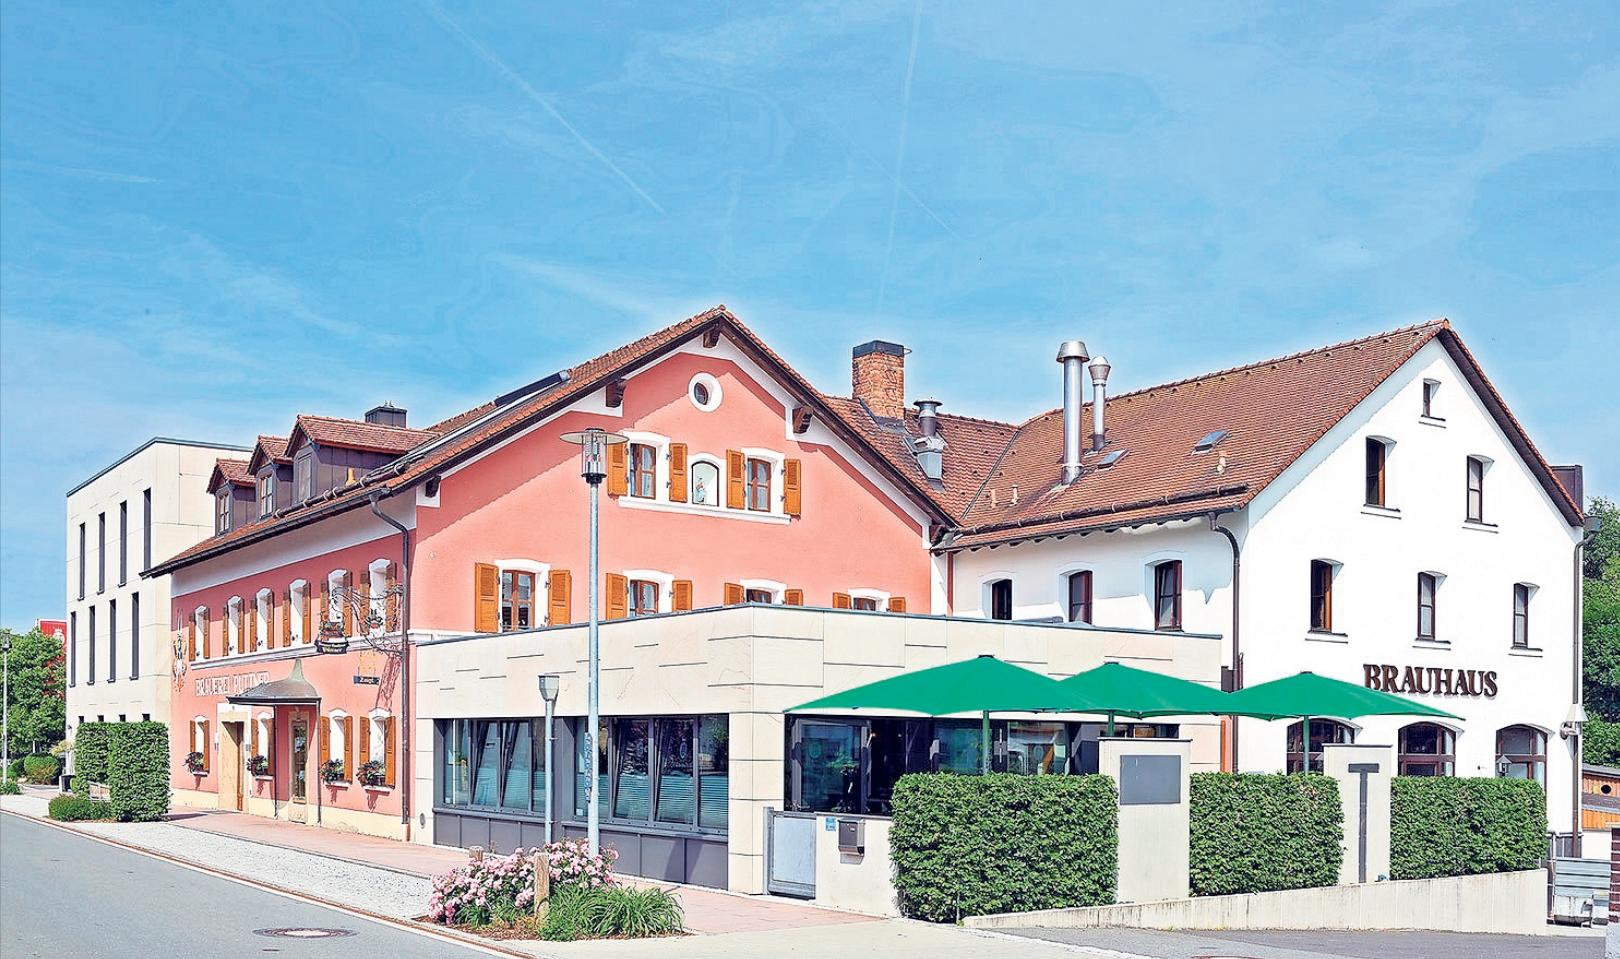 Hier an der Hauptstraße in Schlammersdorf wird nicht nur Bier gebraut, in dem gemütlichen Gasthof kann man sich traditionelle Gerichte schmecken lassen. Fotos: Brauerei Püttner